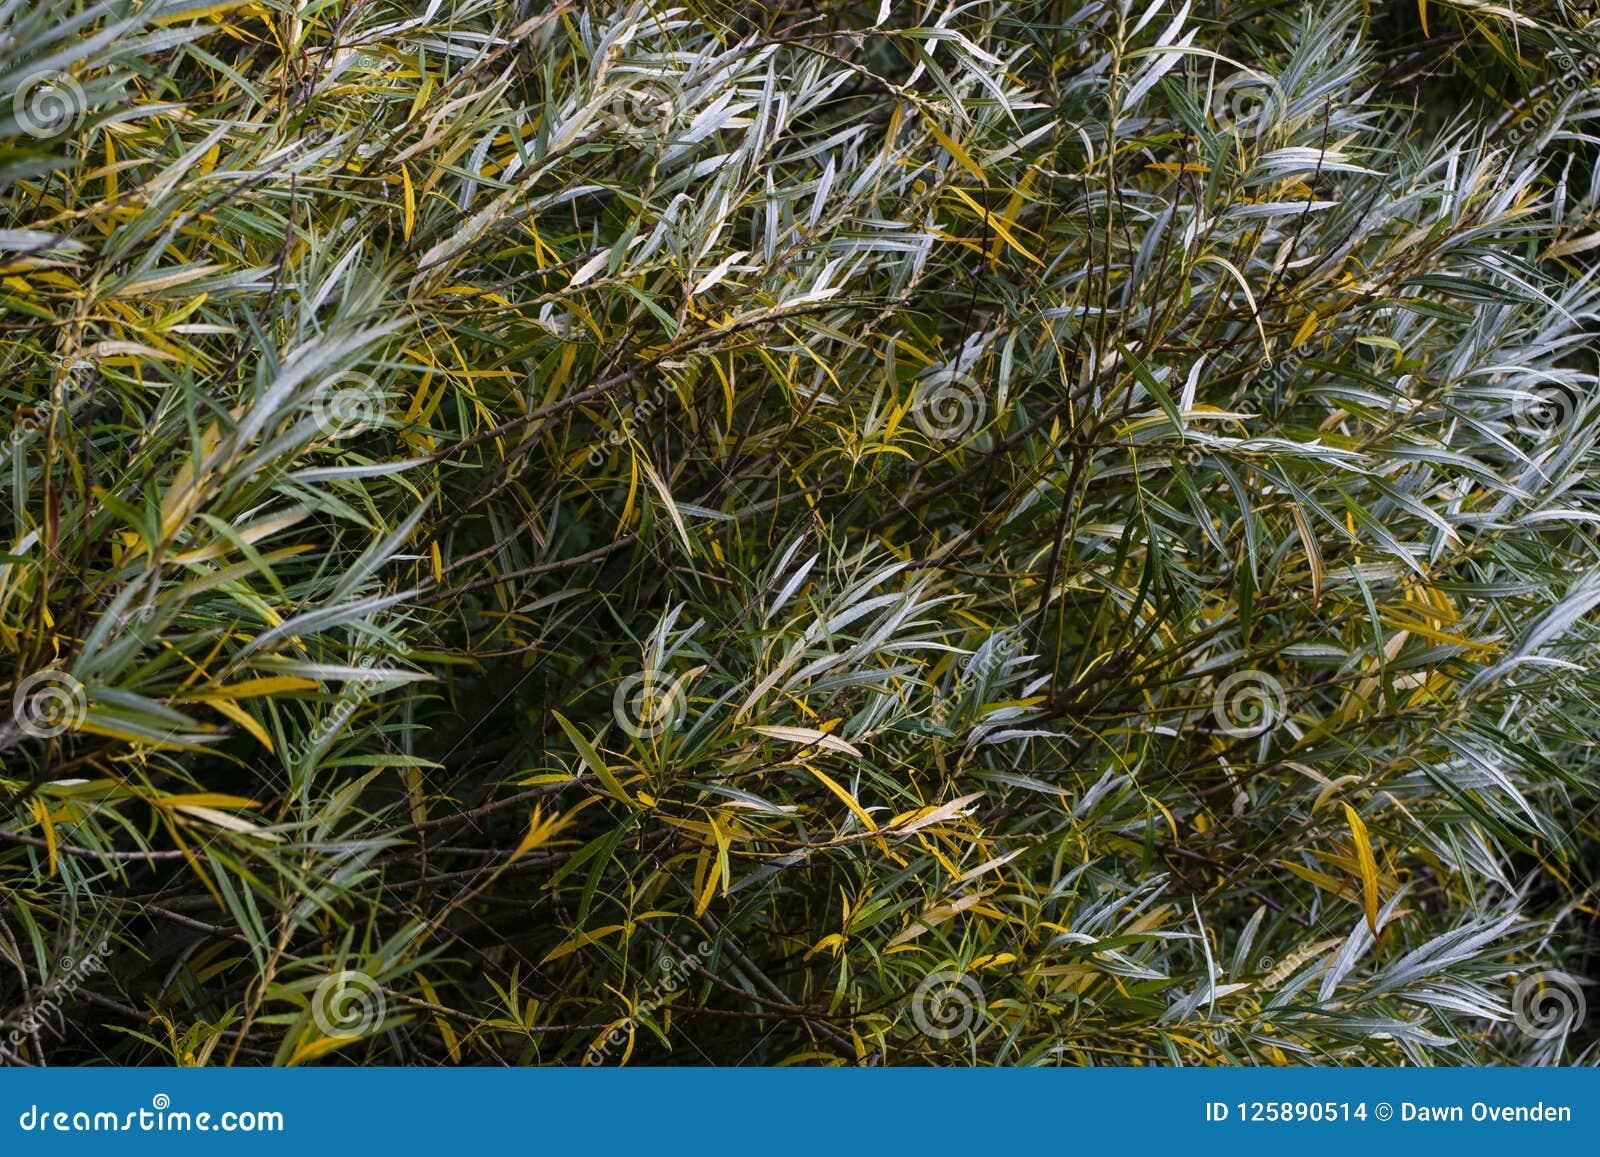 Πράσινα και αργυροειδή φύλλα που φυσιούνται στον αέρα